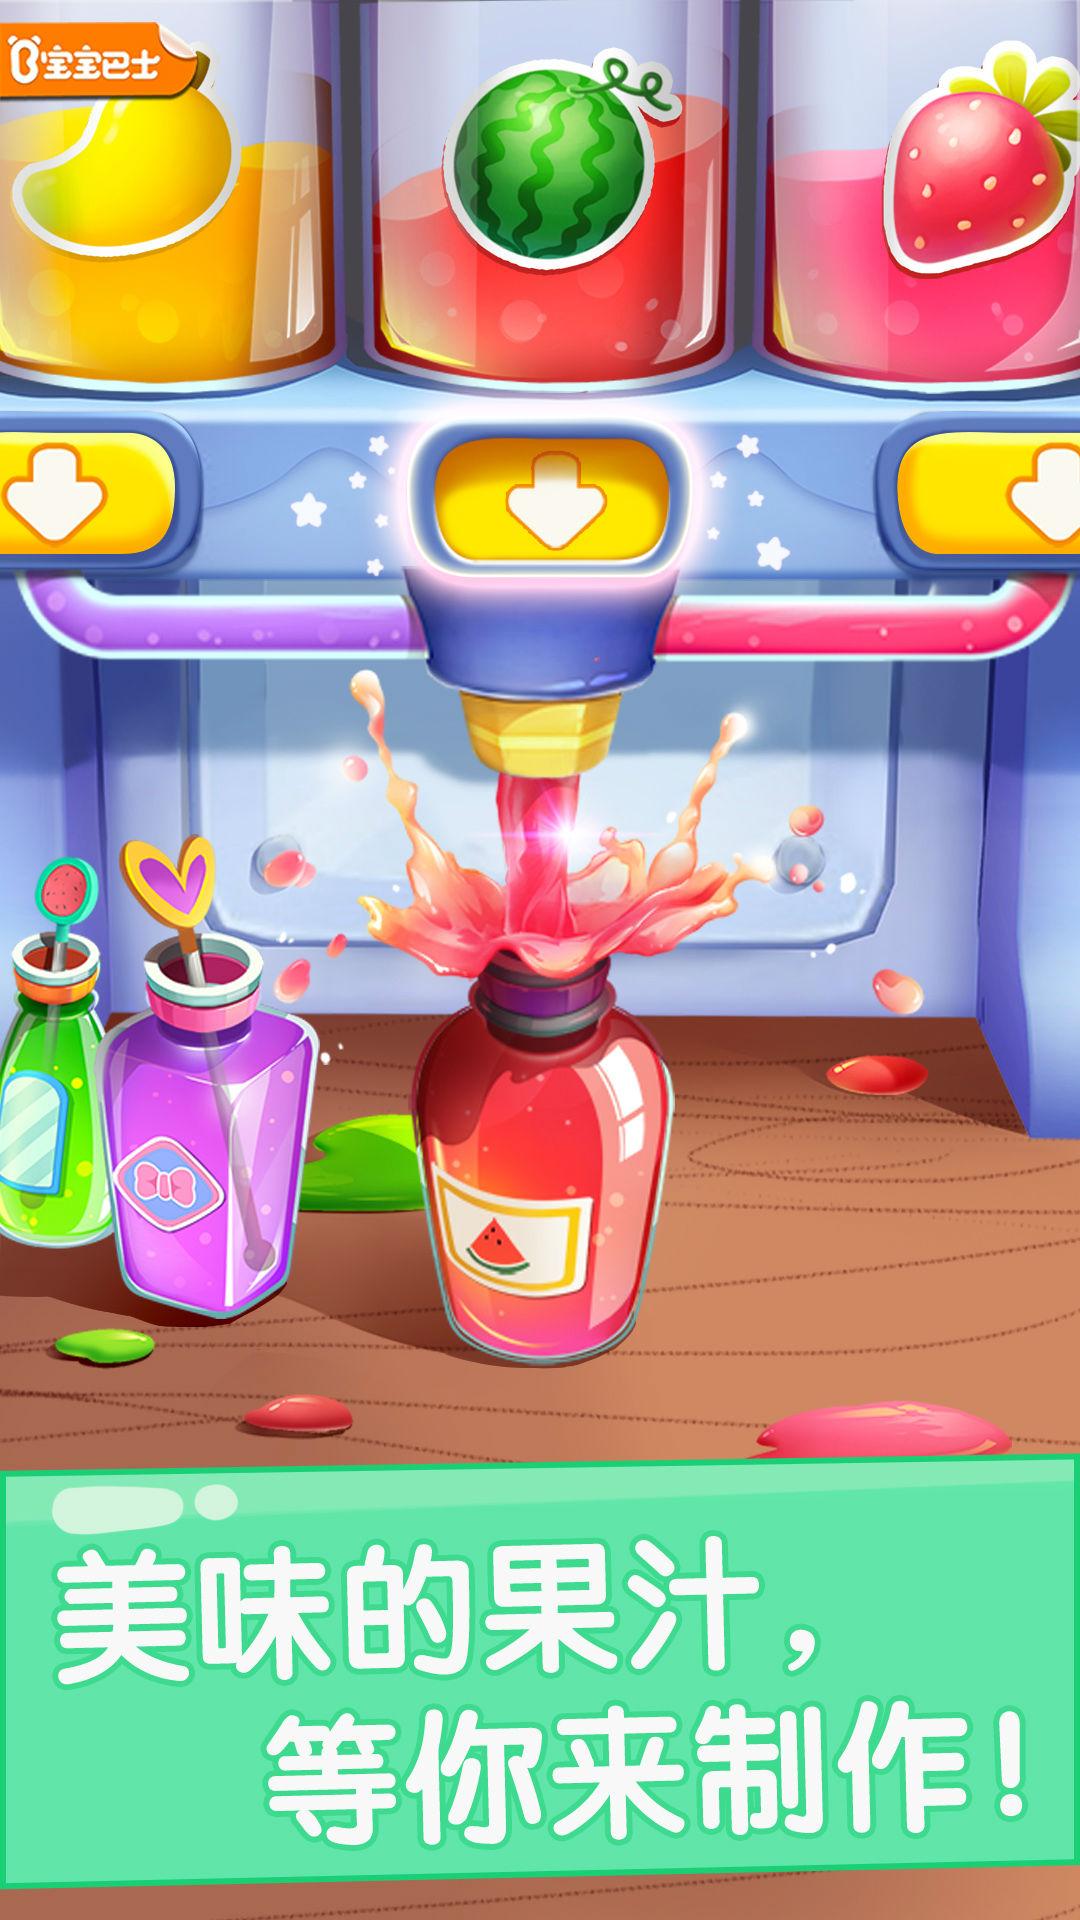 宝宝果汁商店-应用截图